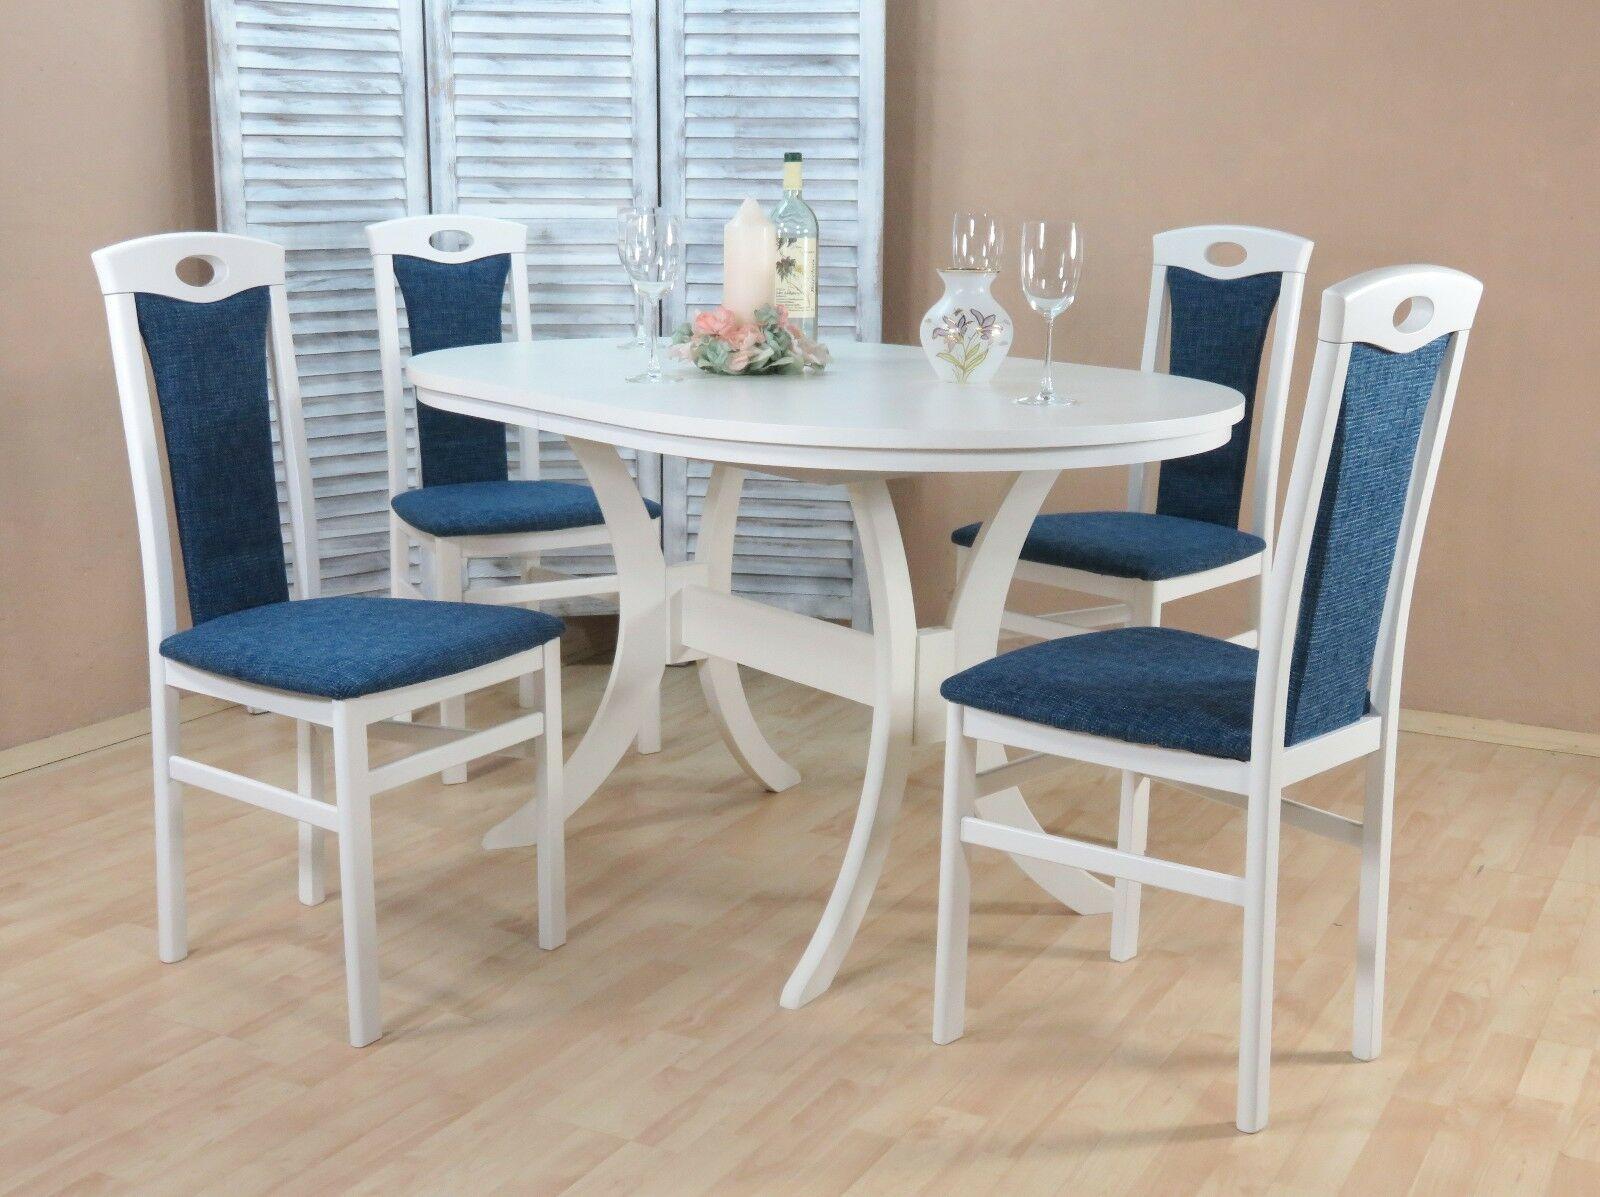 Moderne Tischgruppe 5 Teilig Buche Massiv Weiß Blau Tisch Essgruppe